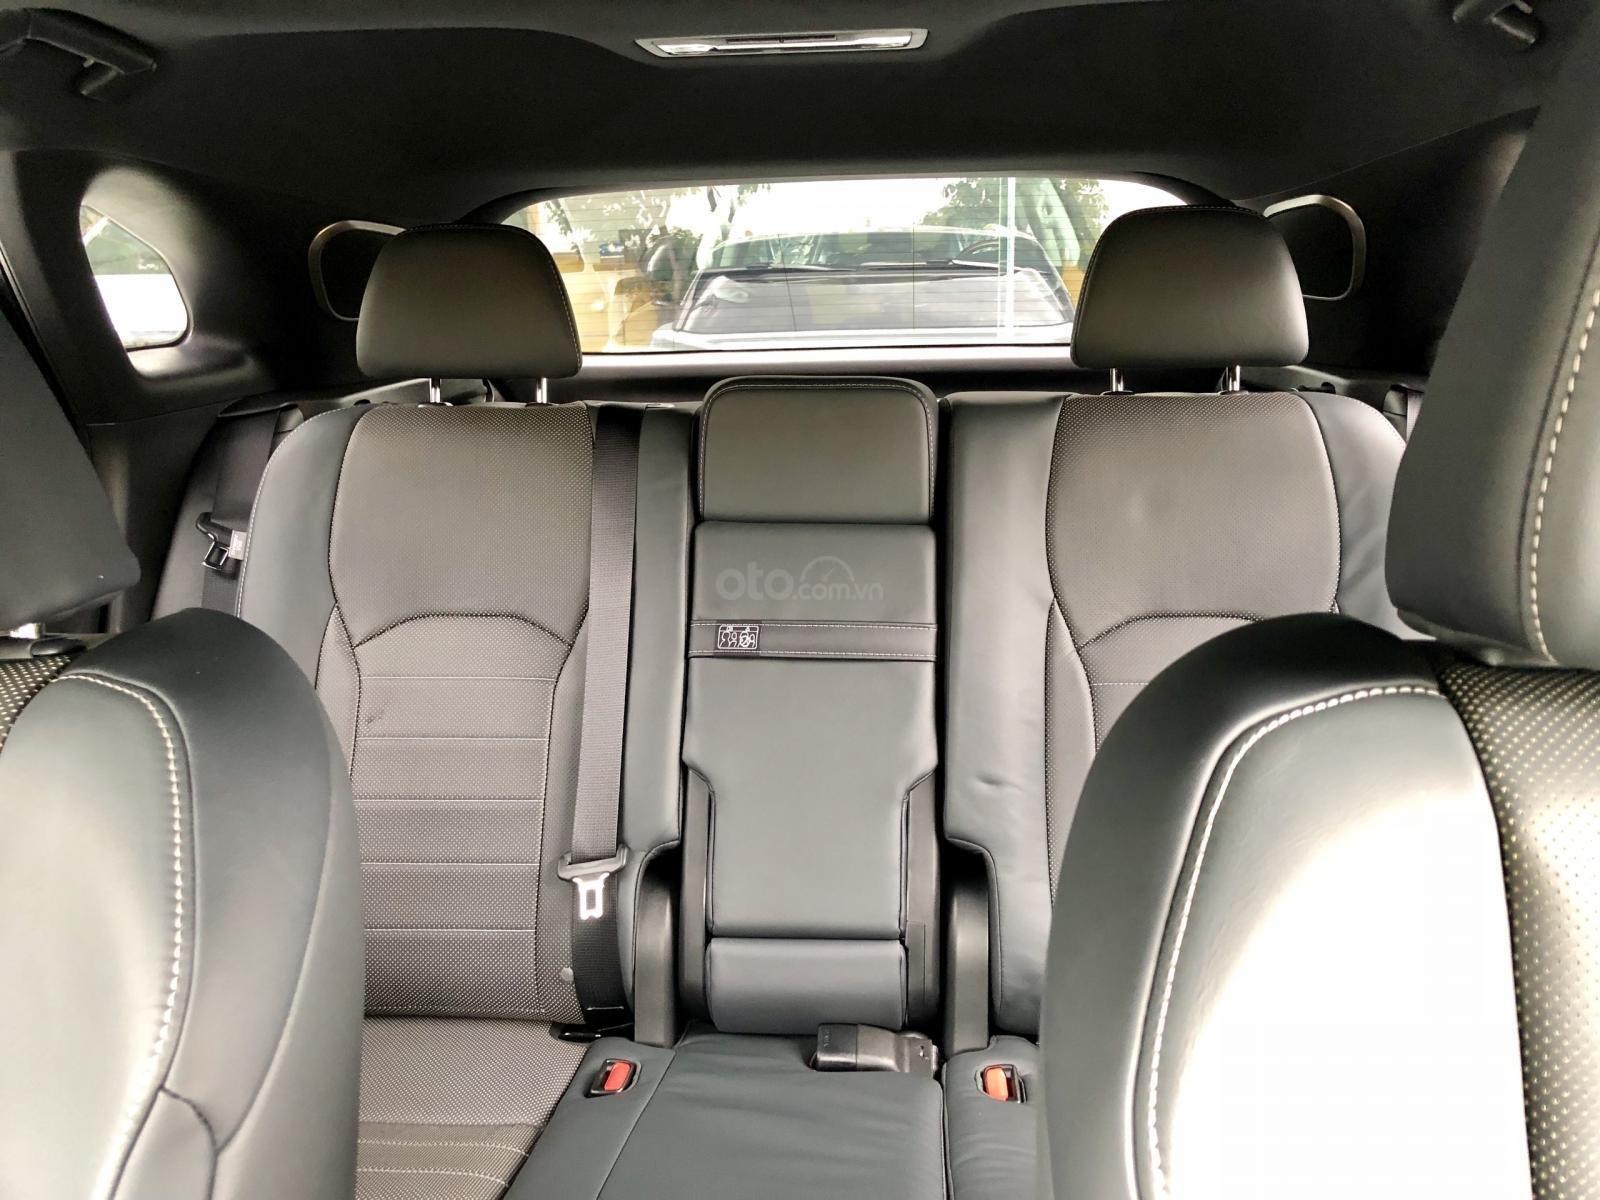 Bán Lexus RX 350 Fsport 2020 màu trắng nhập Mỹ giao ngay toàn quốc LH Ms Hương (6)